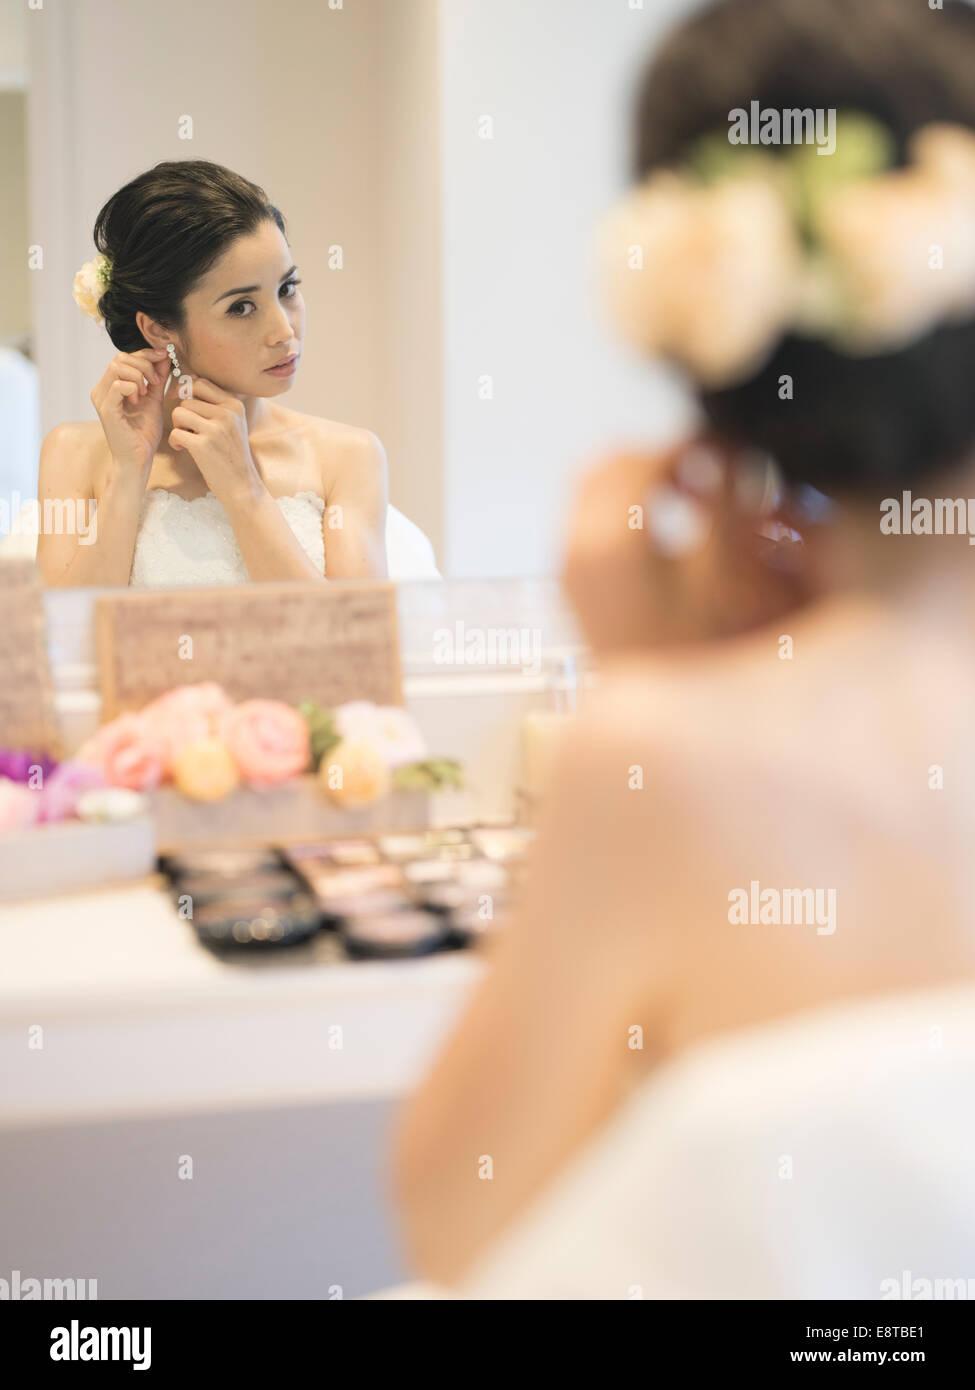 Gemischte Rassen, legt asiatischen / American Braut im weißen Hochzeitskleid auf Make-up und Ohrringe vor Hochzeit Stockbild